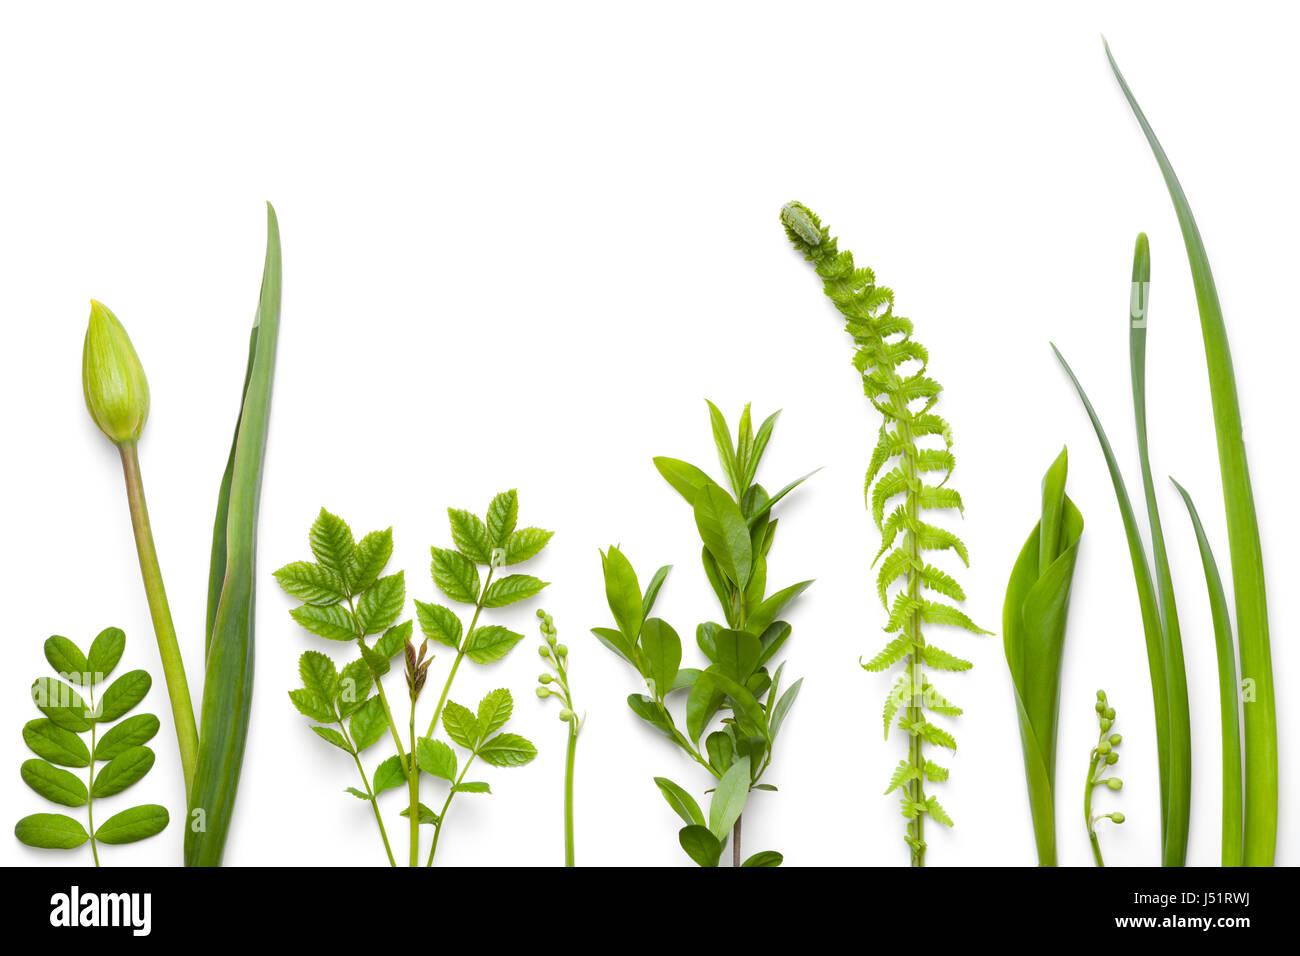 Las plantas verdes aislado sobre fondo blanco. Sentar planas. Vista superior Imagen De Stock